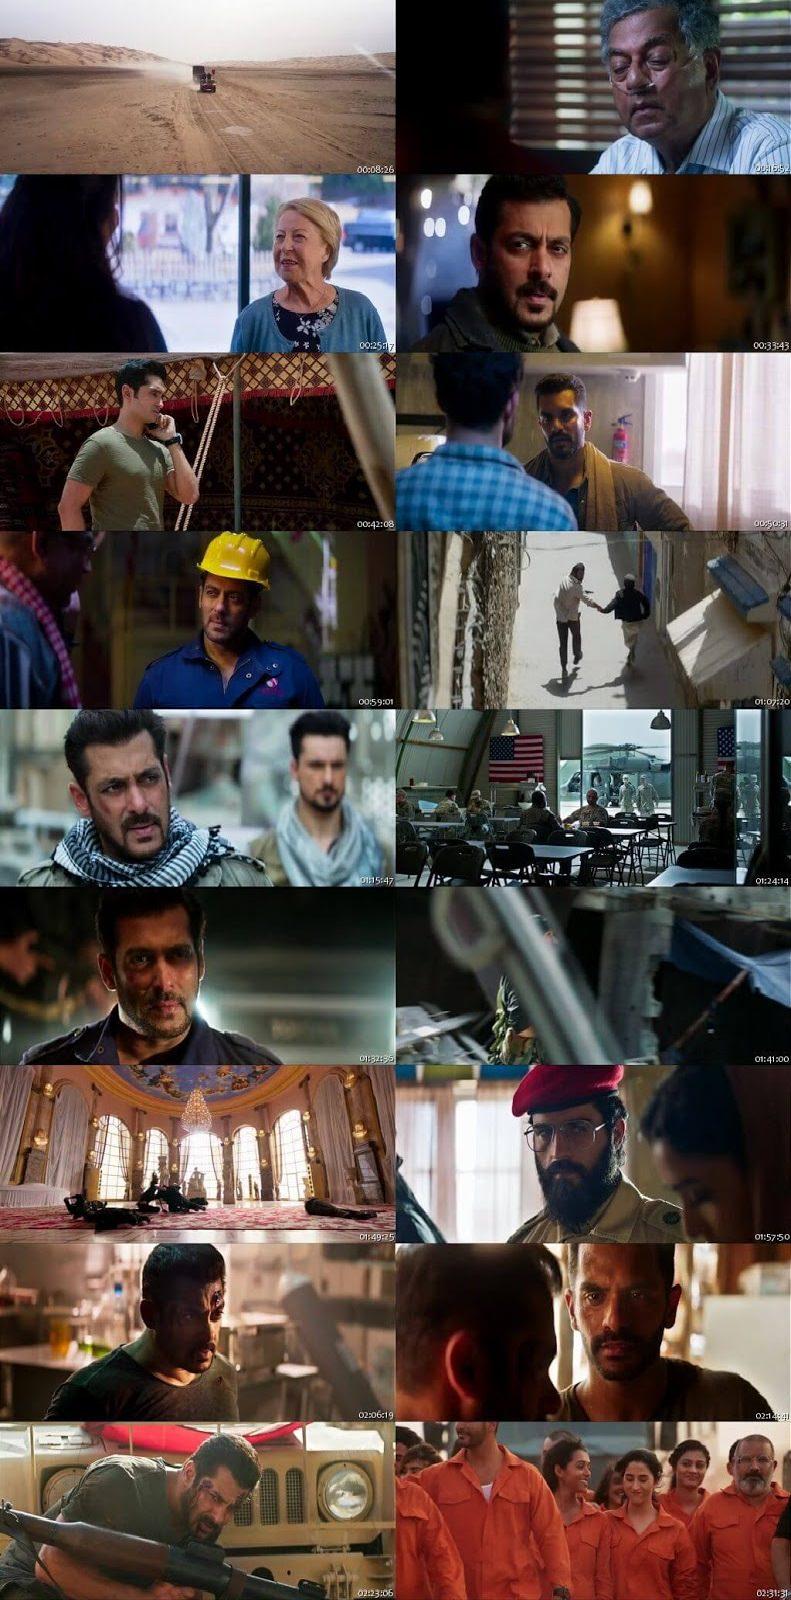 tiger zinda hai (2017) full movie free download in 720p